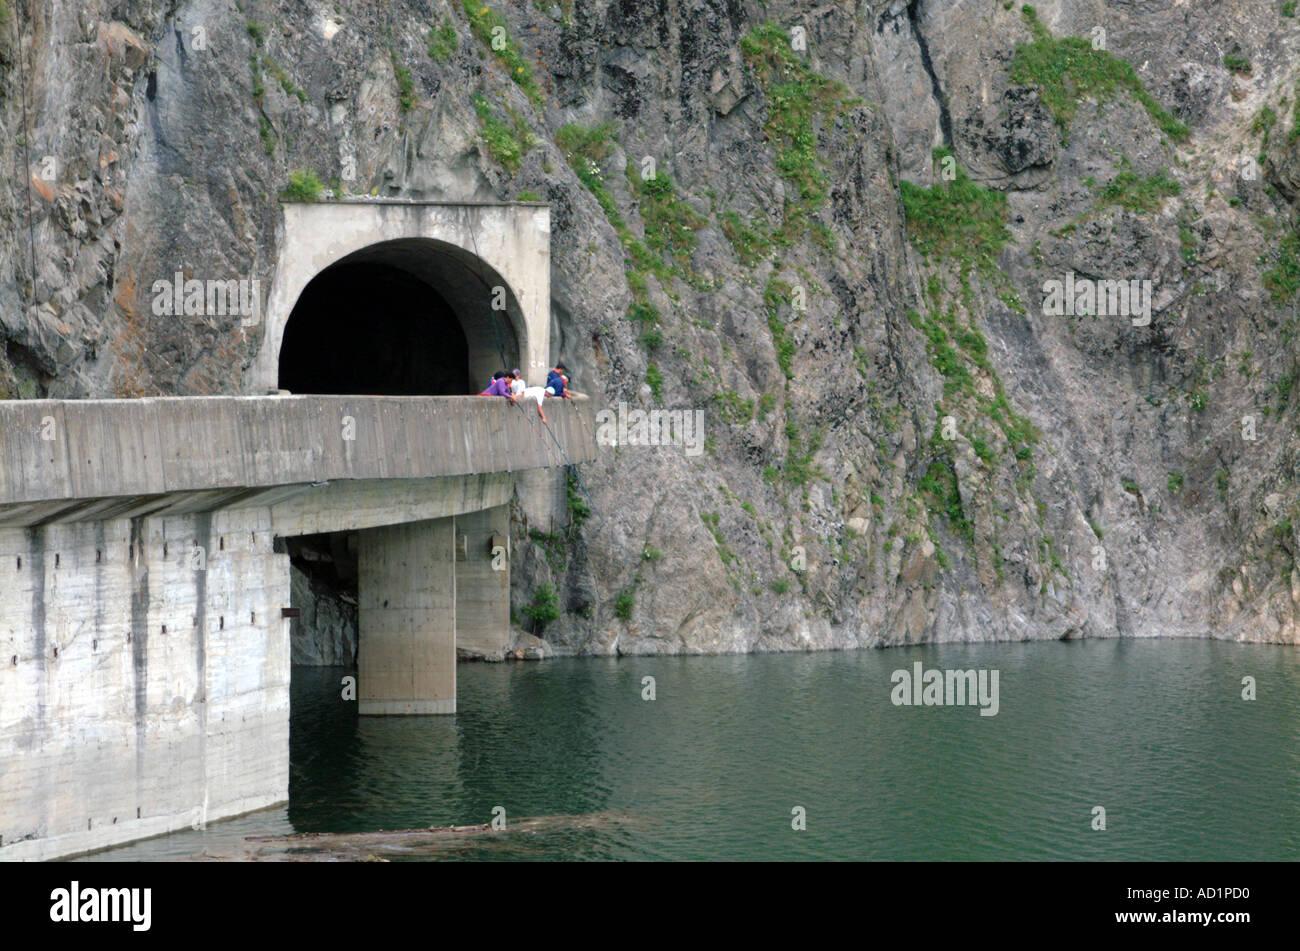 Presa Vidraru en río Arges Rumania Timor Oriental Imagen De Stock